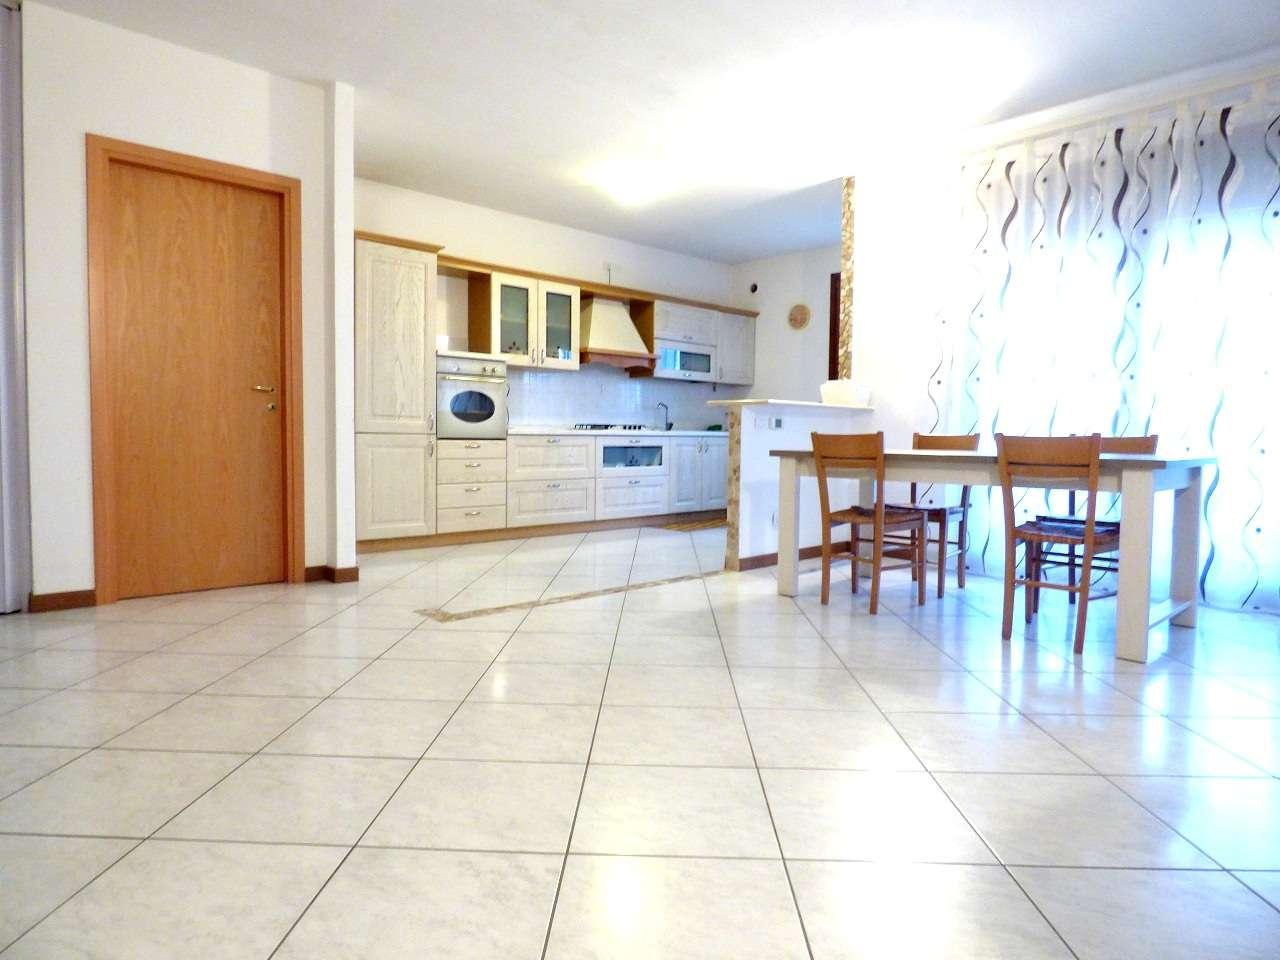 Appartamento quadrilocale in vendita a Mestrino (PD)